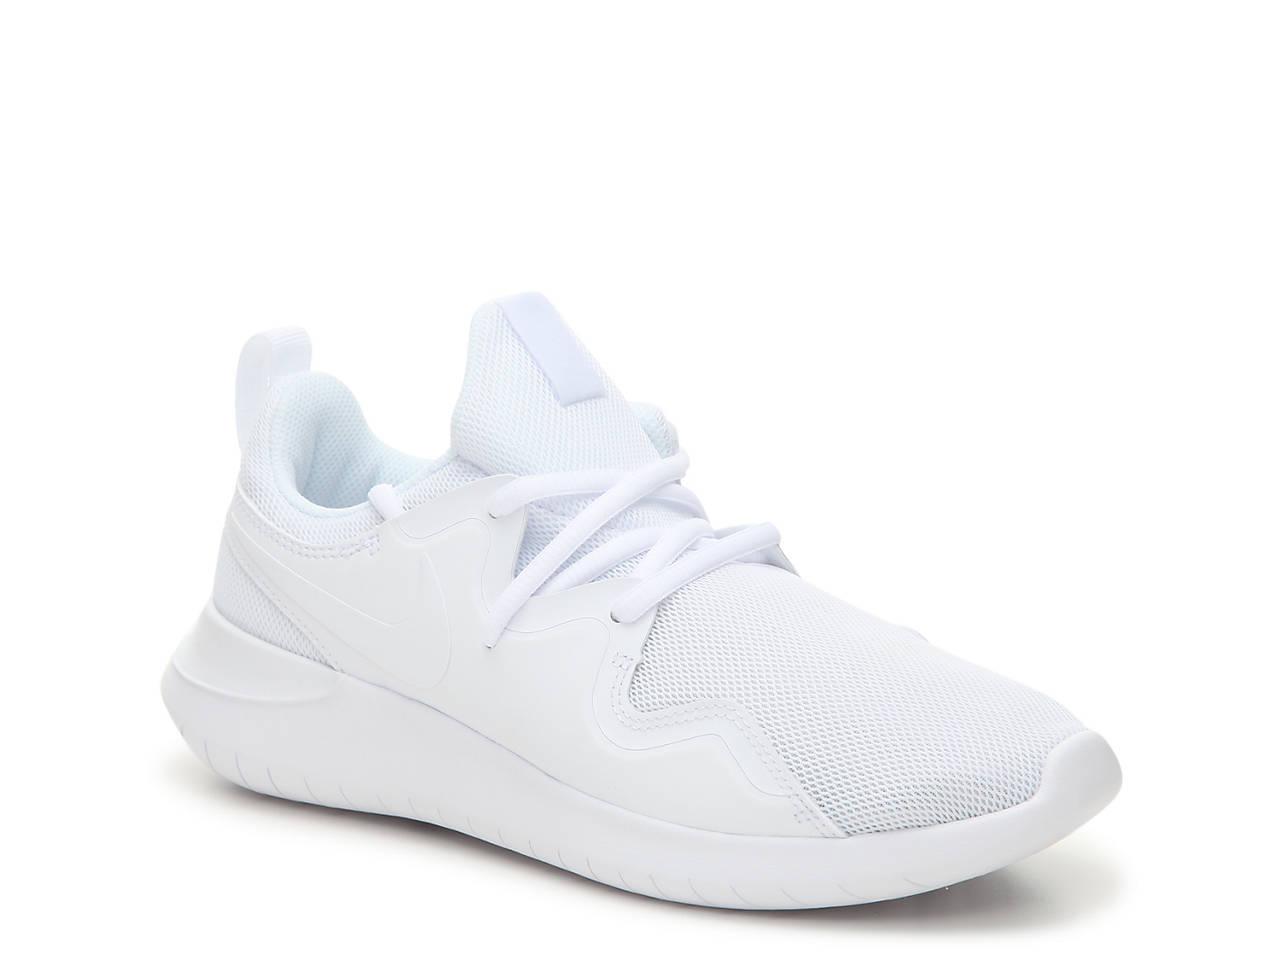 81bf4e3028a Nike Tessen Sneaker - Women s Women s Shoes